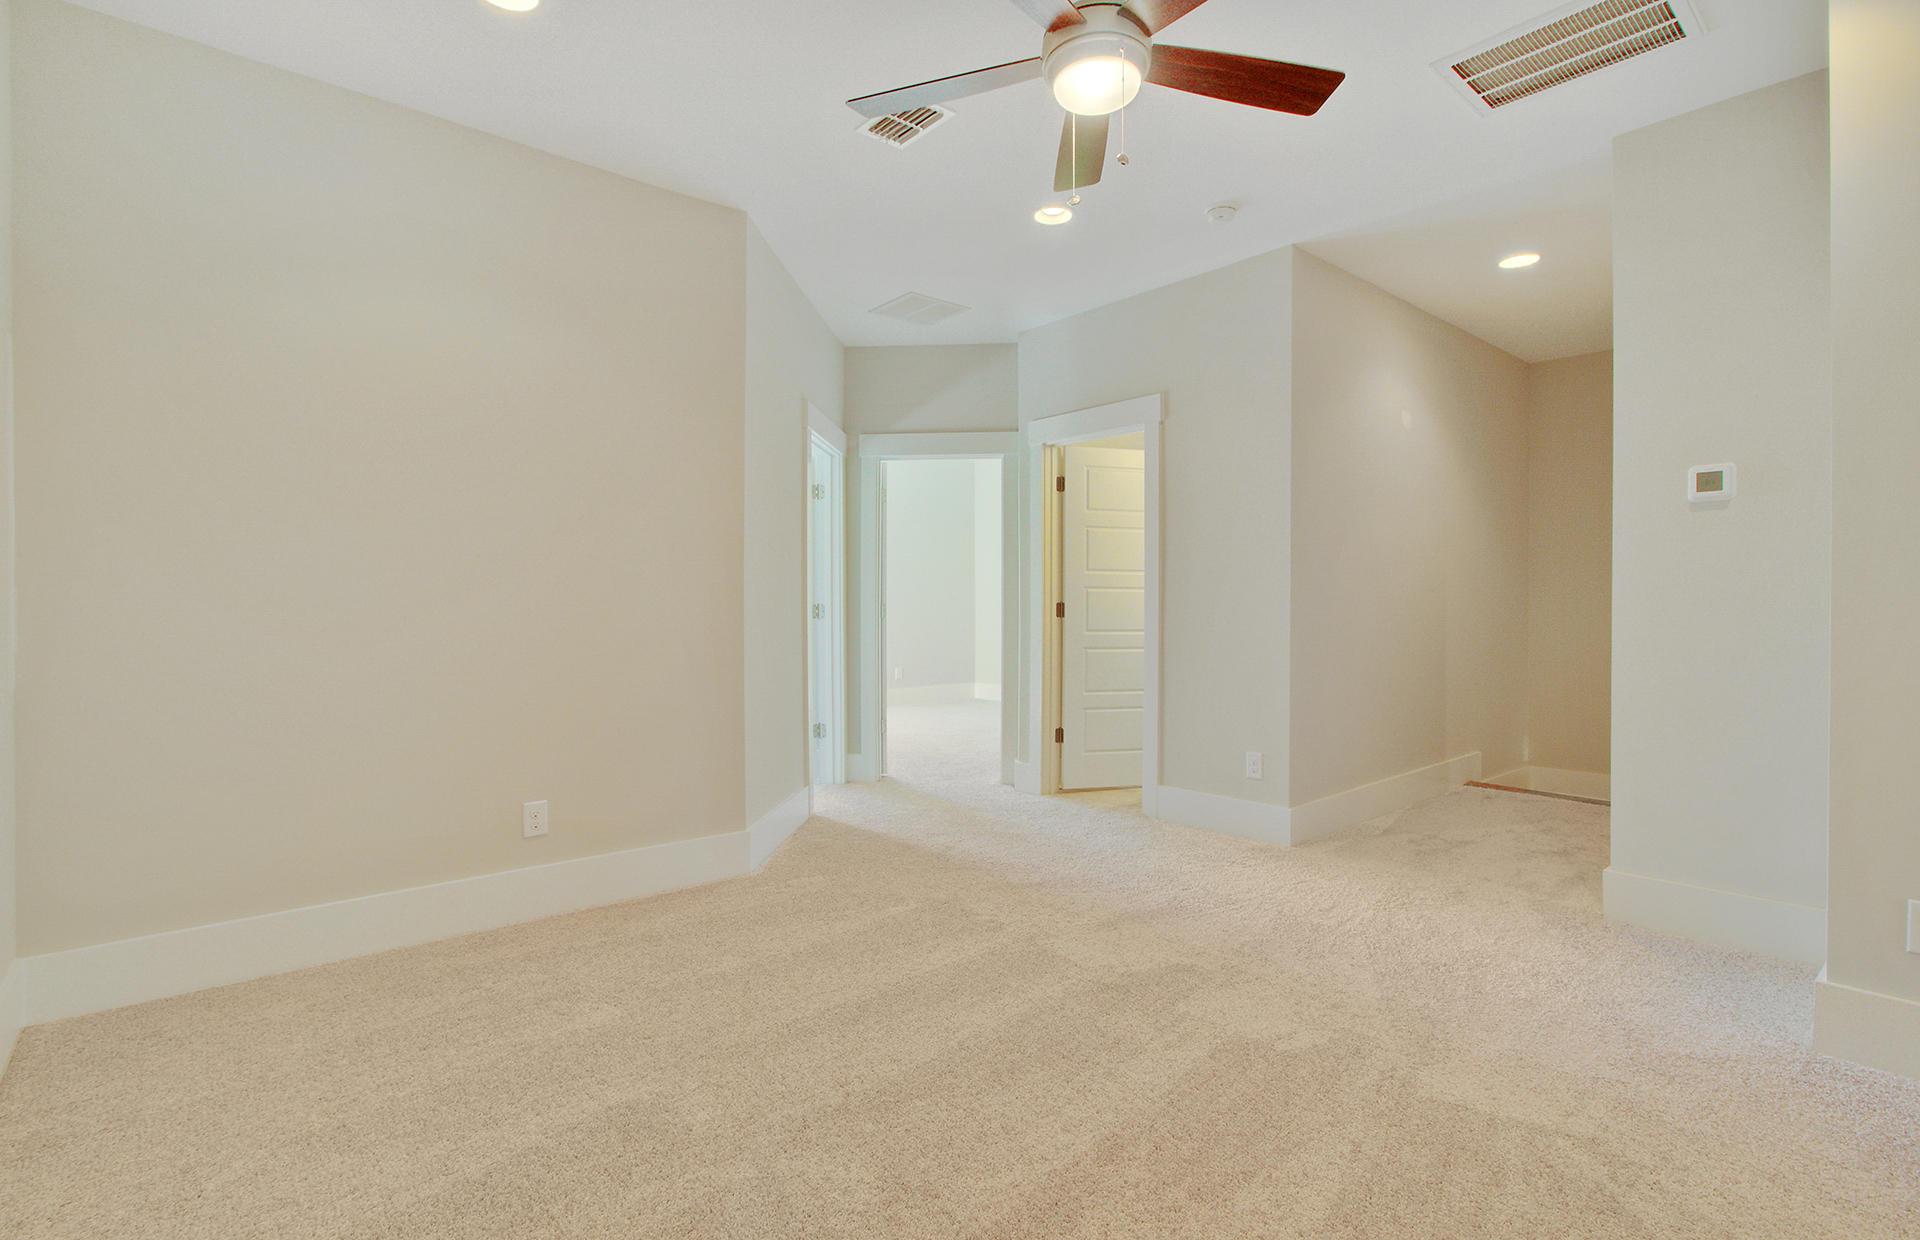 Dunes West Homes For Sale - 2406 Brackish, Mount Pleasant, SC - 18